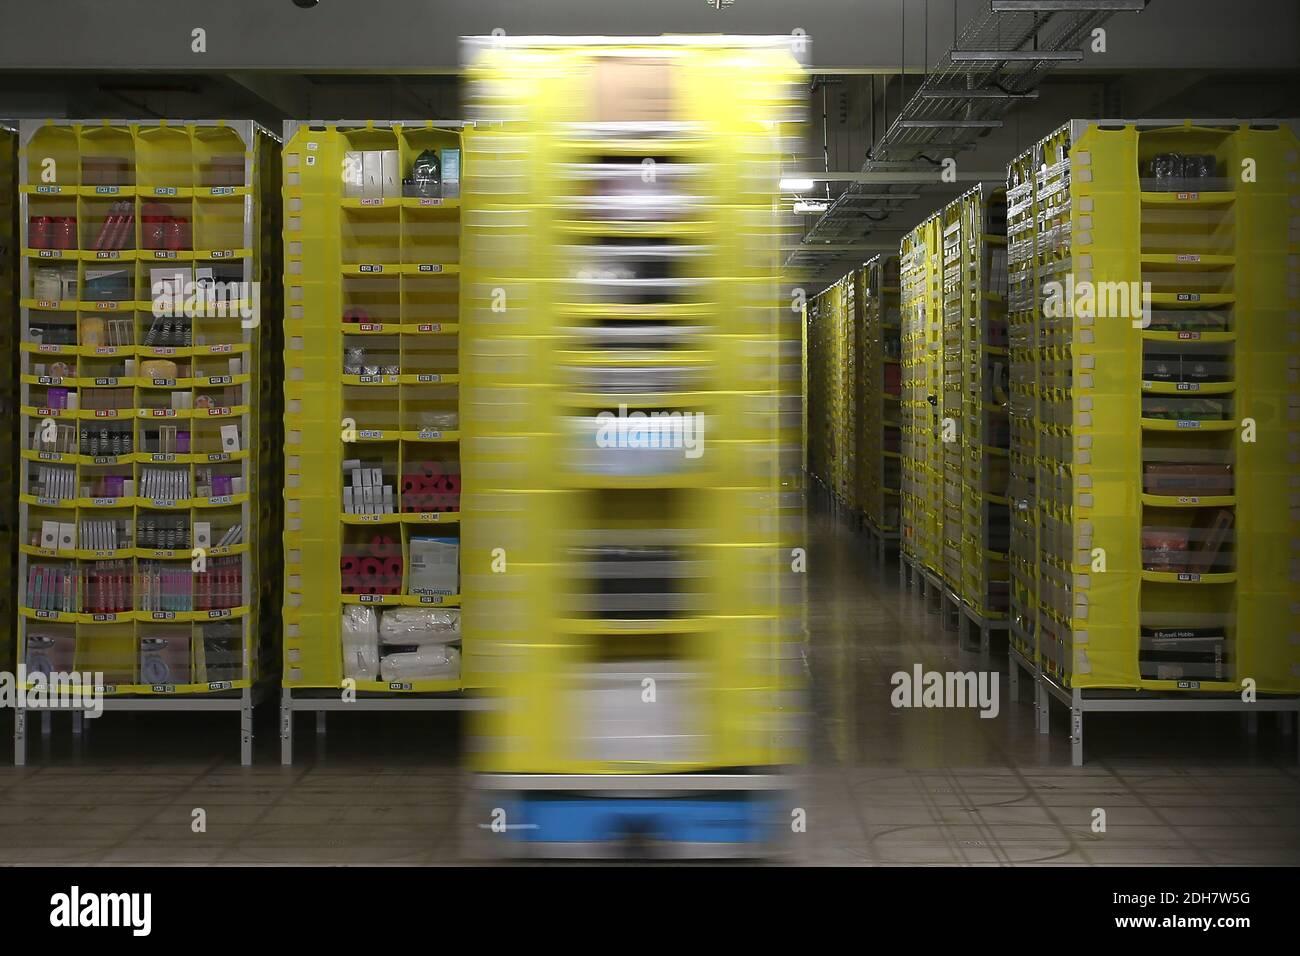 Les palettes automatisées déplacent les produits directement vers les opérateurs du site Amazon EMA2 de Sutton-in-Ashfield.dans les coulisses du site Amazon EMA2 de Sutton-in-Ashfield, dans le Nottinghamshire. Les achats en ligne ont connu une croissance rapide pendant la pandémie du coronavirus 2020, avec des magasins fermés, des lockdowns et des personnes prenant livraison d'articles au lieu de sortir. Photo prise le 25 novembre 2020 Banque D'Images